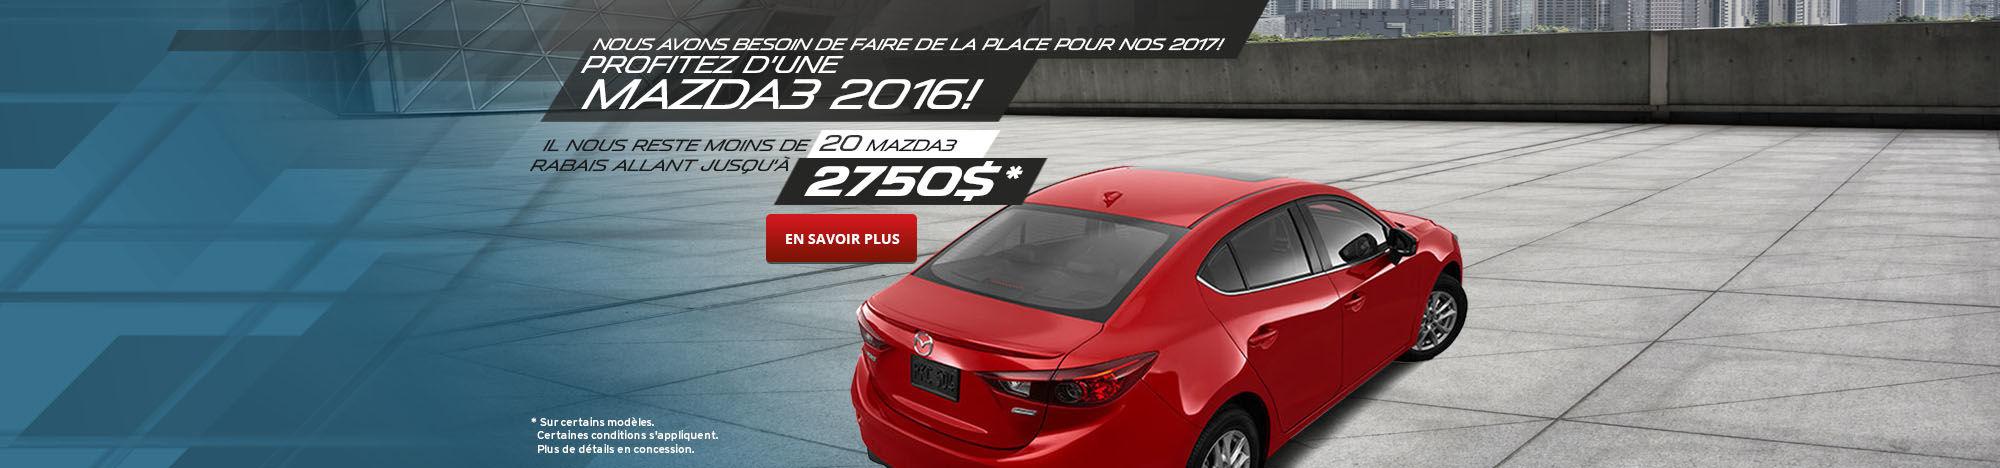 Voyez la Mazda3 2016